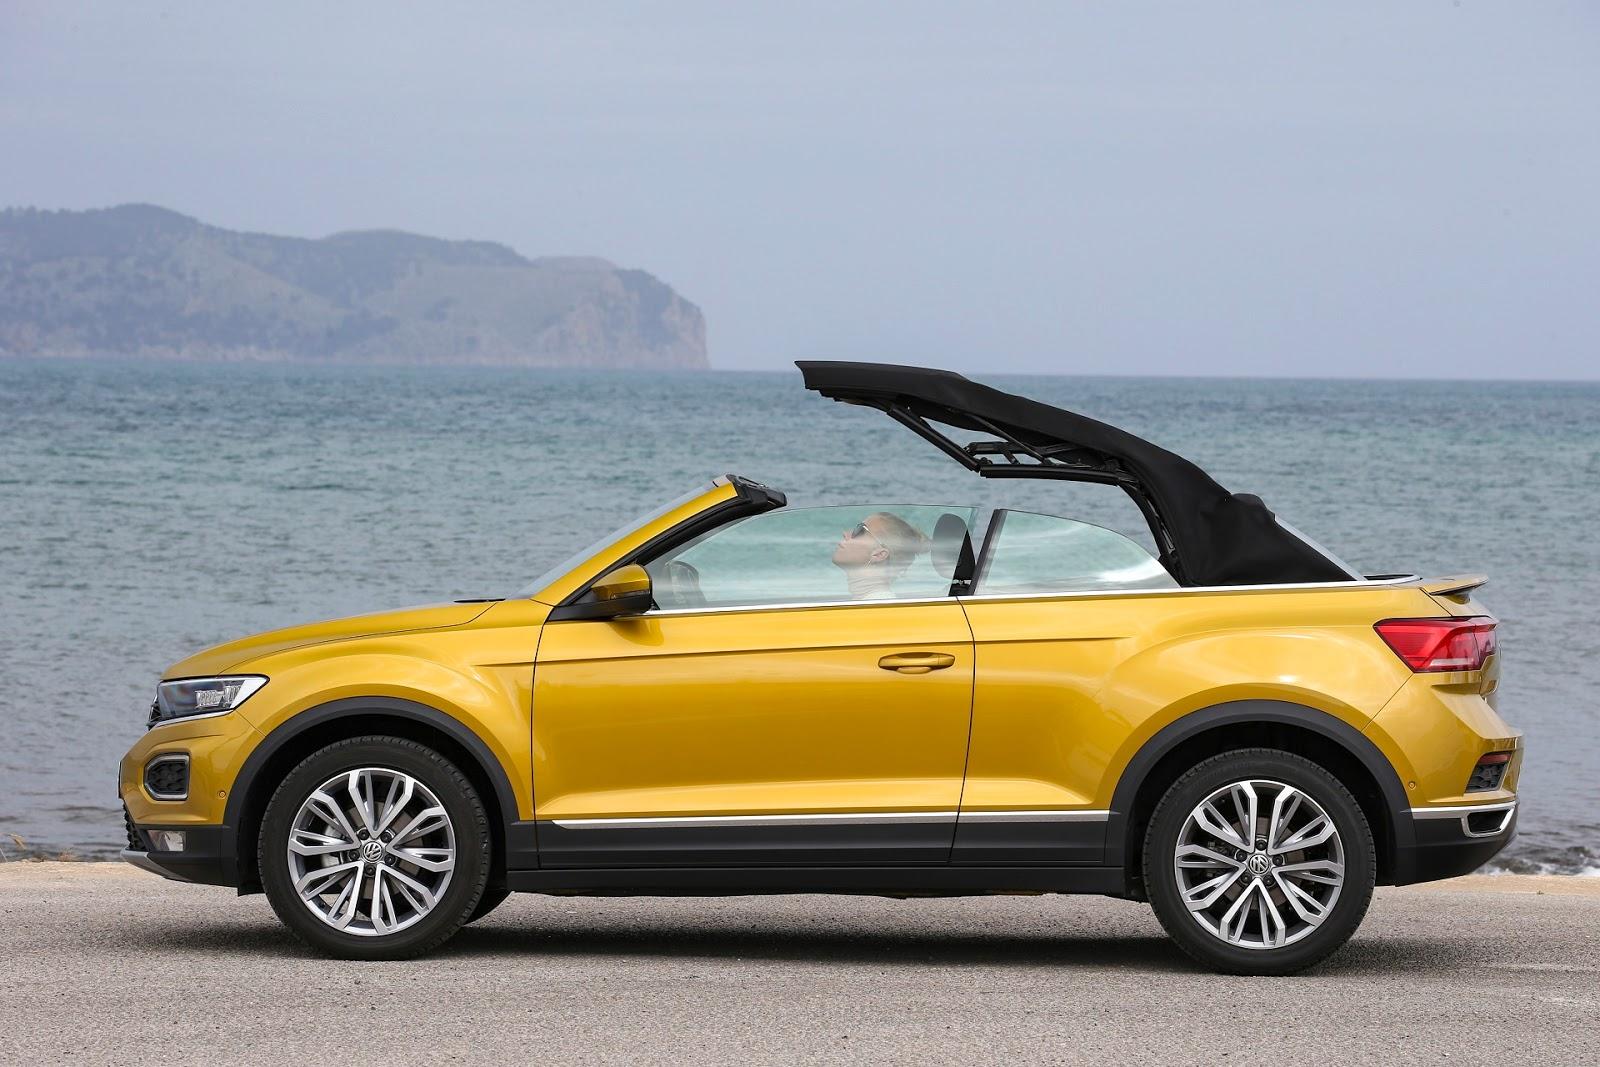 VOLKSWAGEN2BT ROC2BCABRIOLET 3 Το VW T-Roc Cabrio παράγεται εκεί που φτιαχνόταν το Beetle Cabriolet cabrio, Volkswagen, Volkswagen Golf, VW, VW Beetle